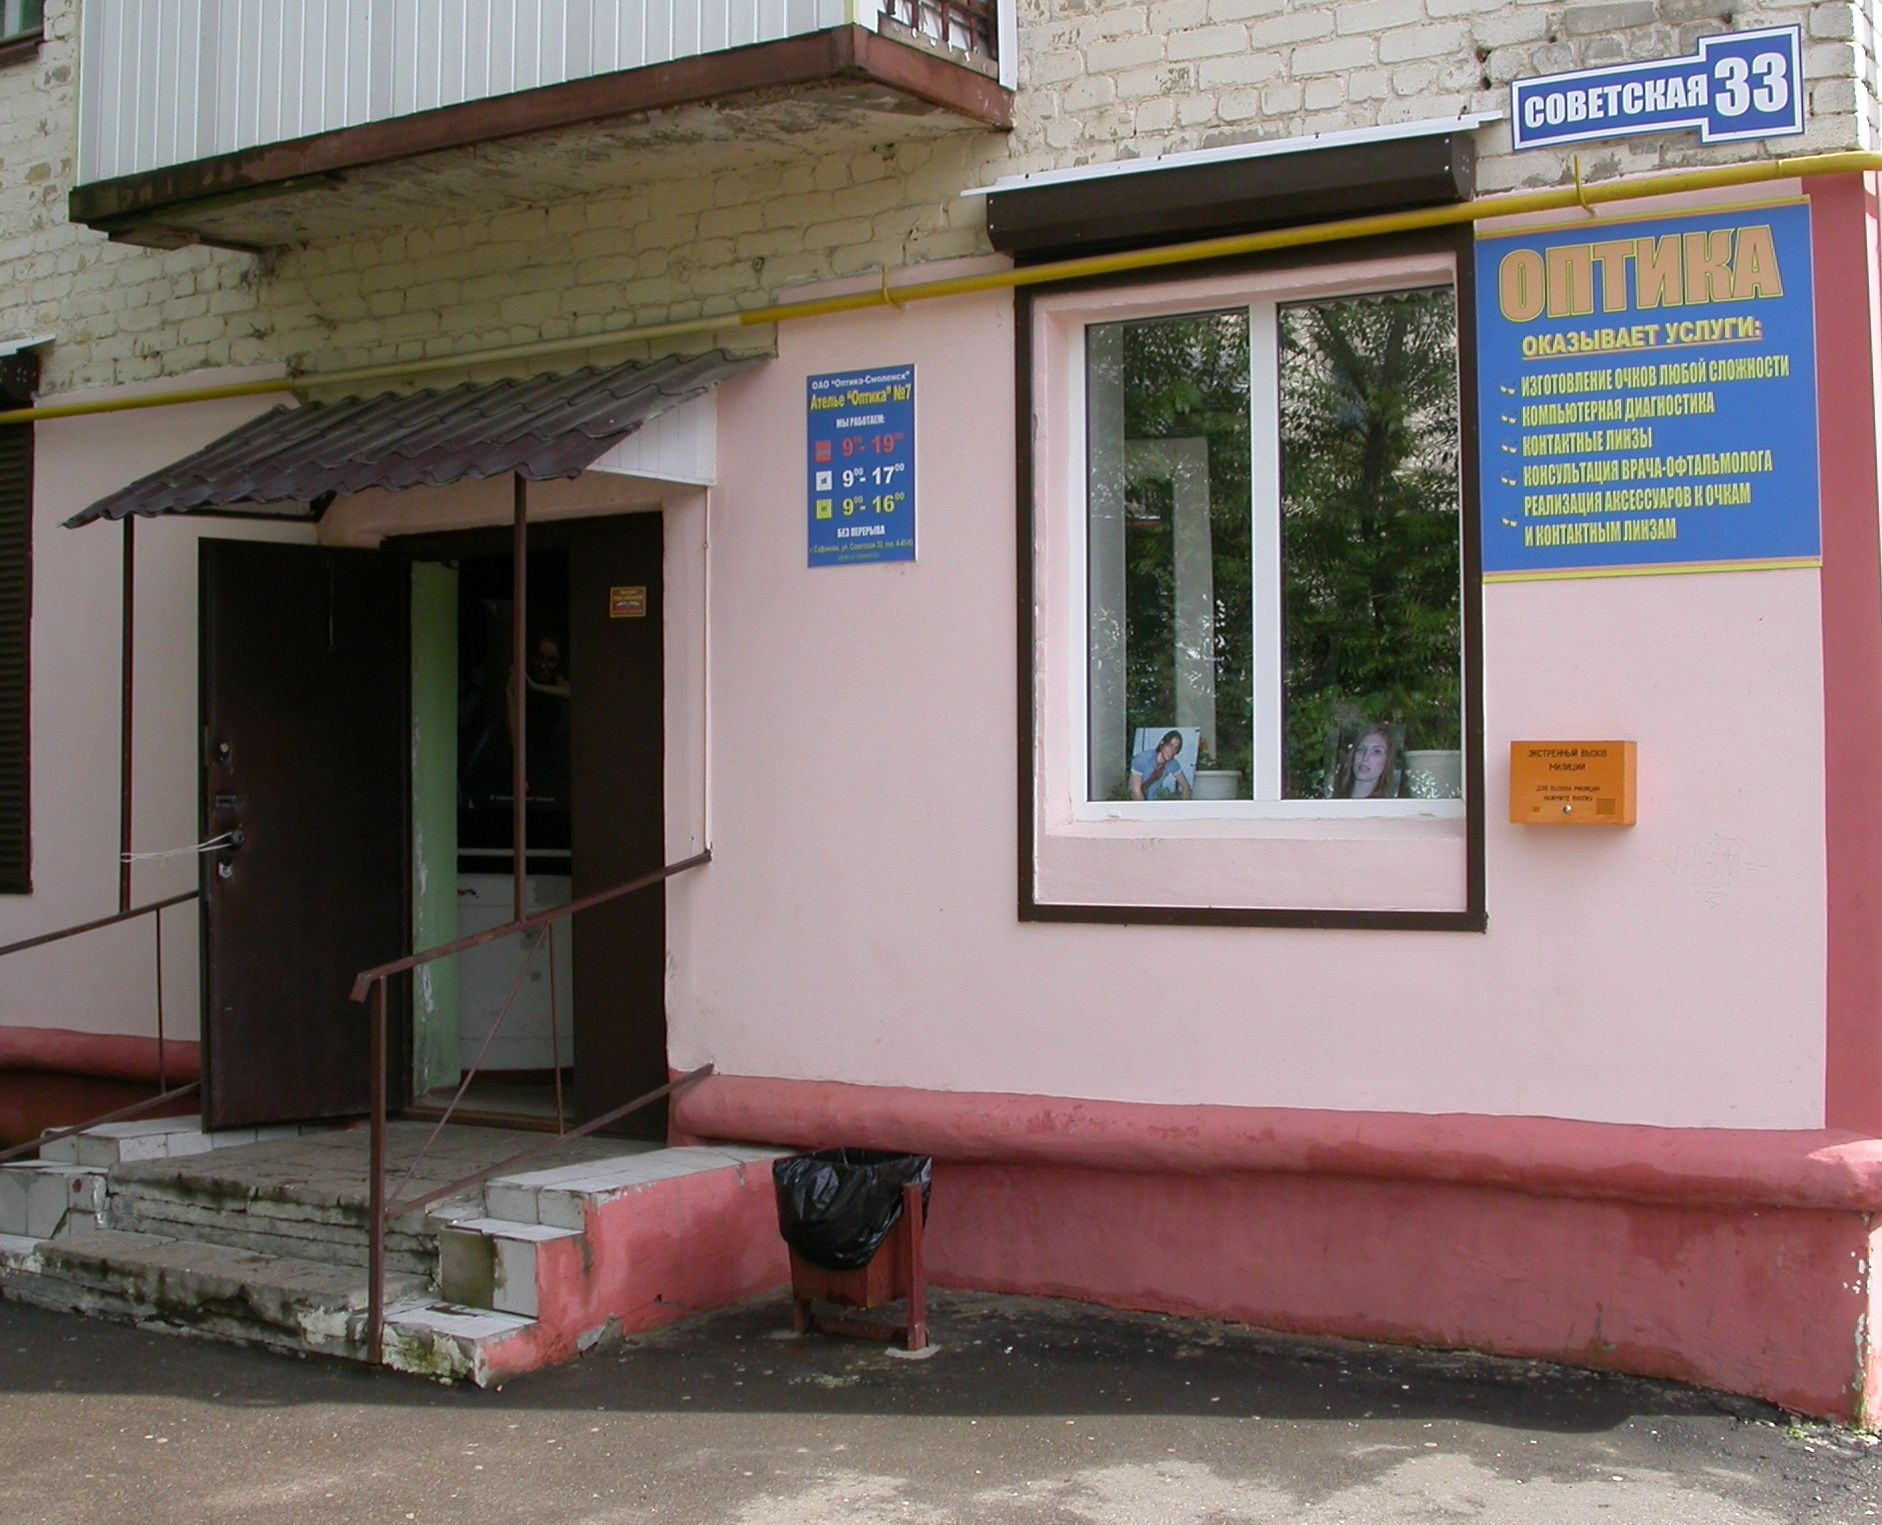 Челюстно-лицевая клиника ангарск официальный сайт